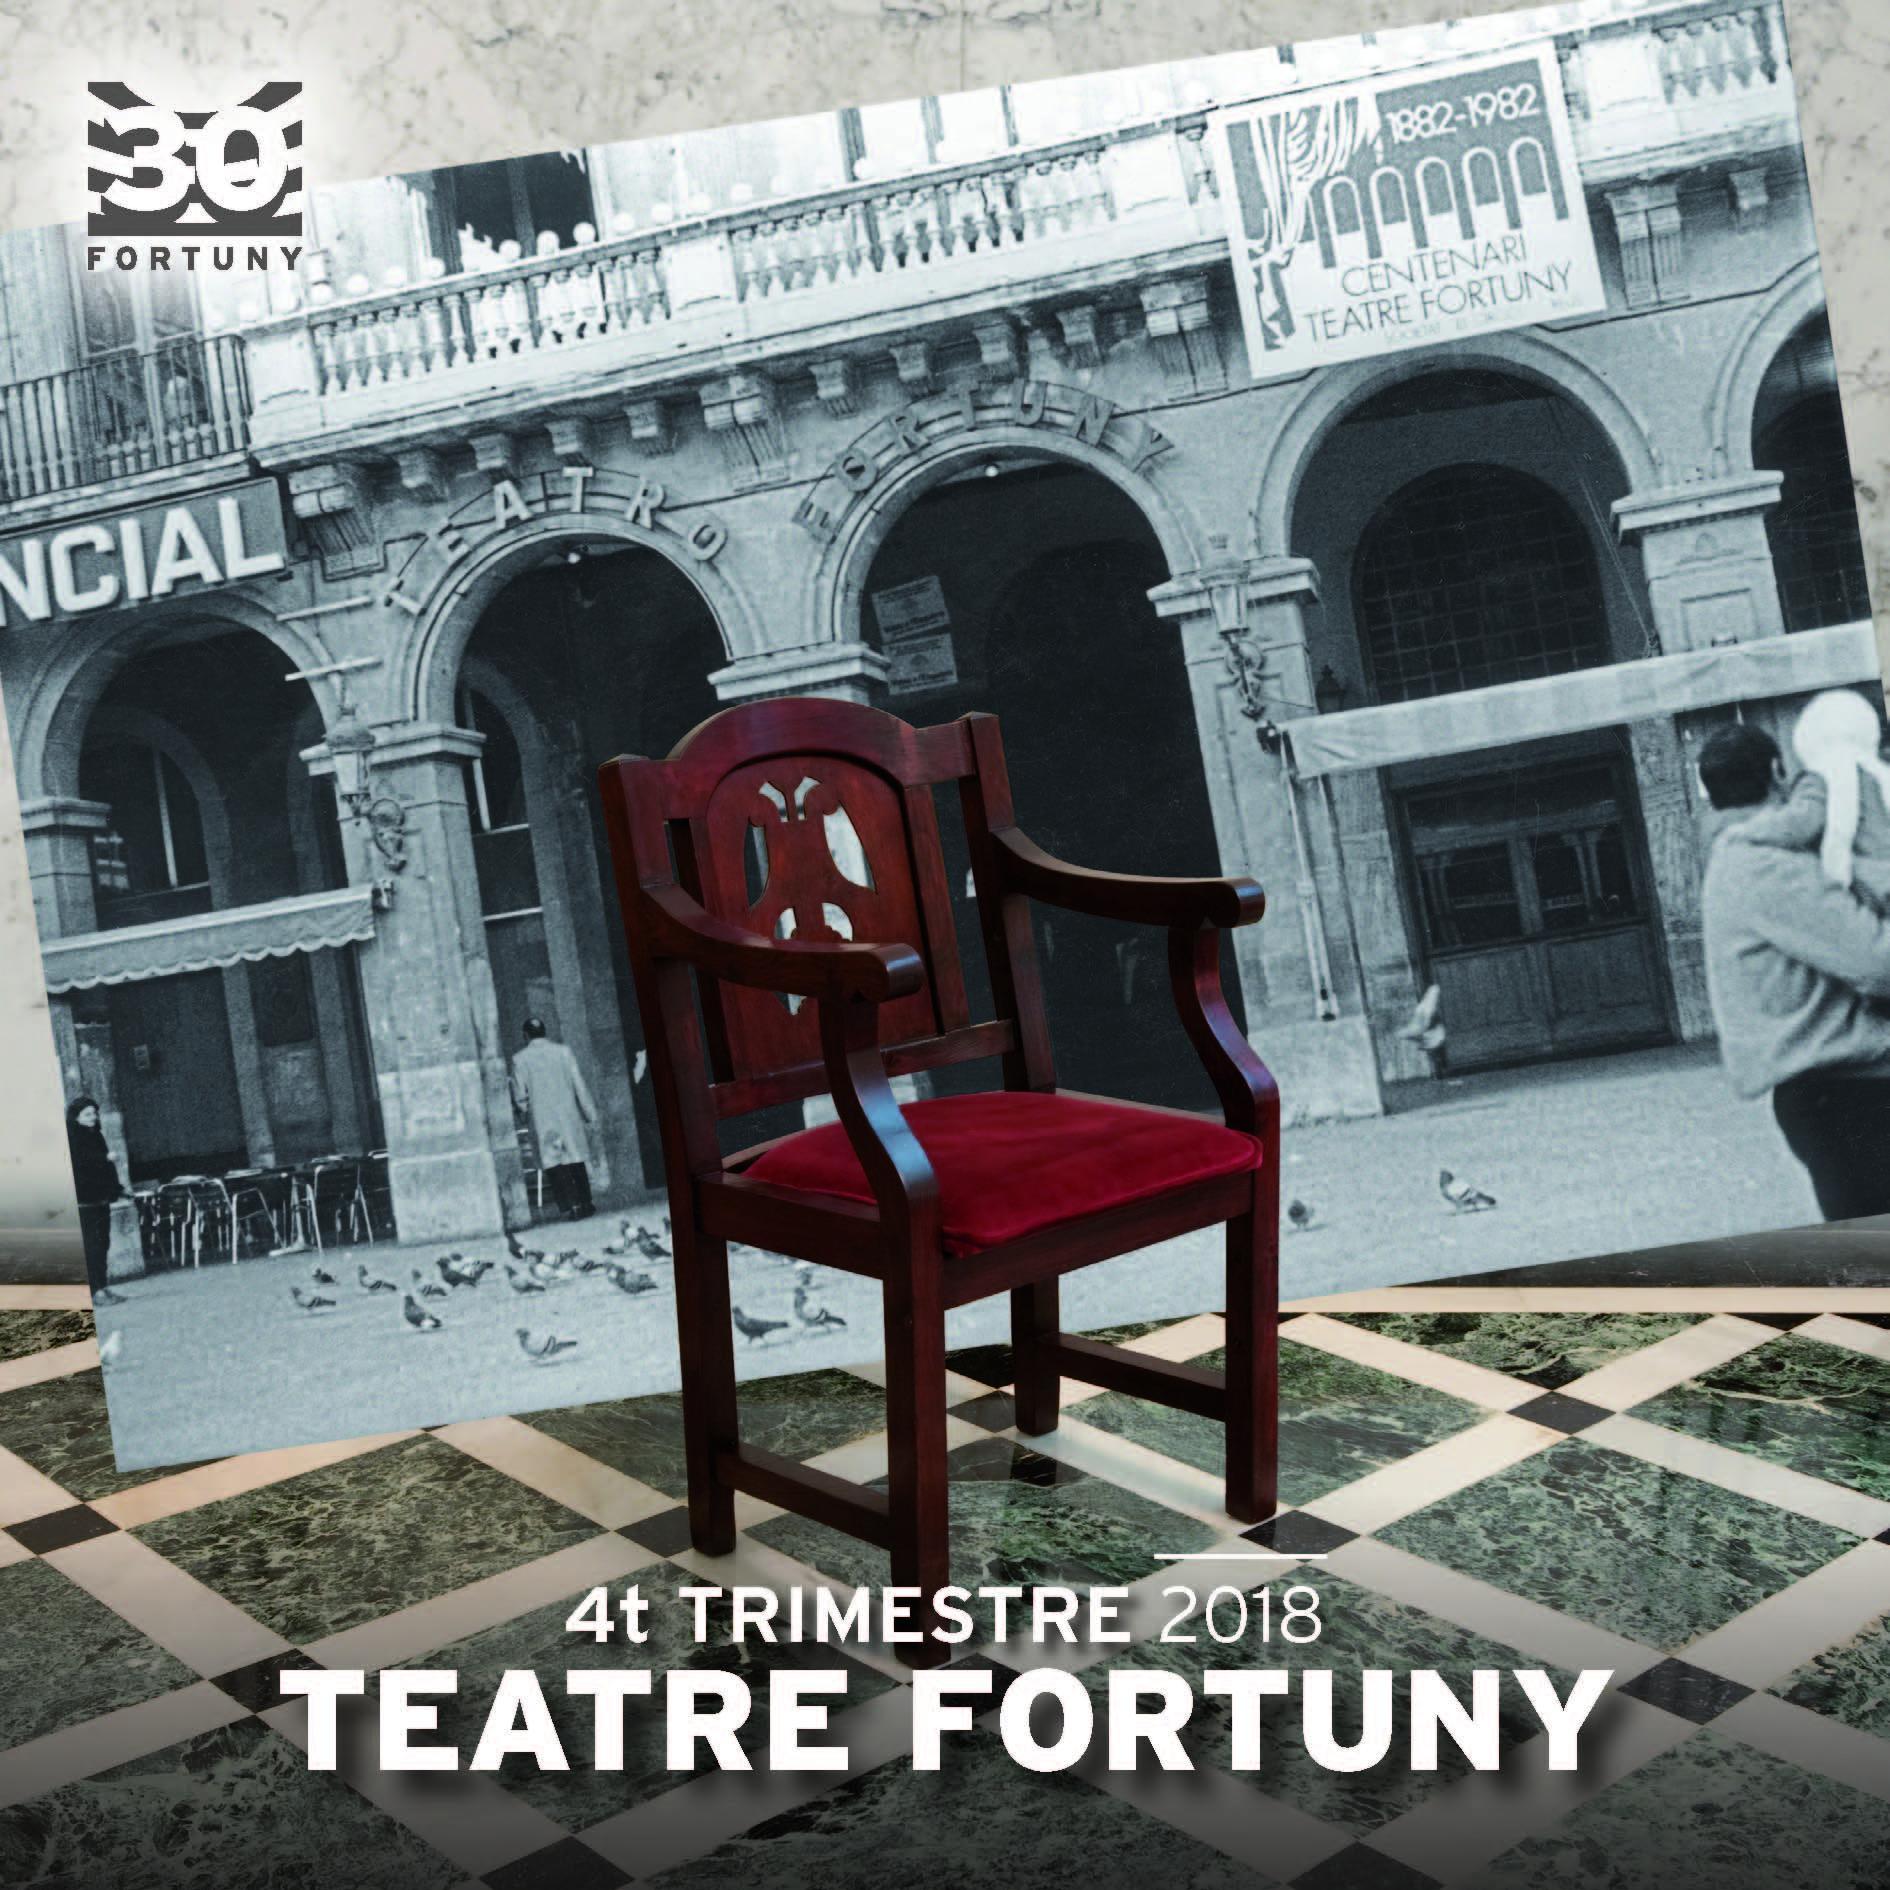 Temporada de tardor al Teatre Fortuny